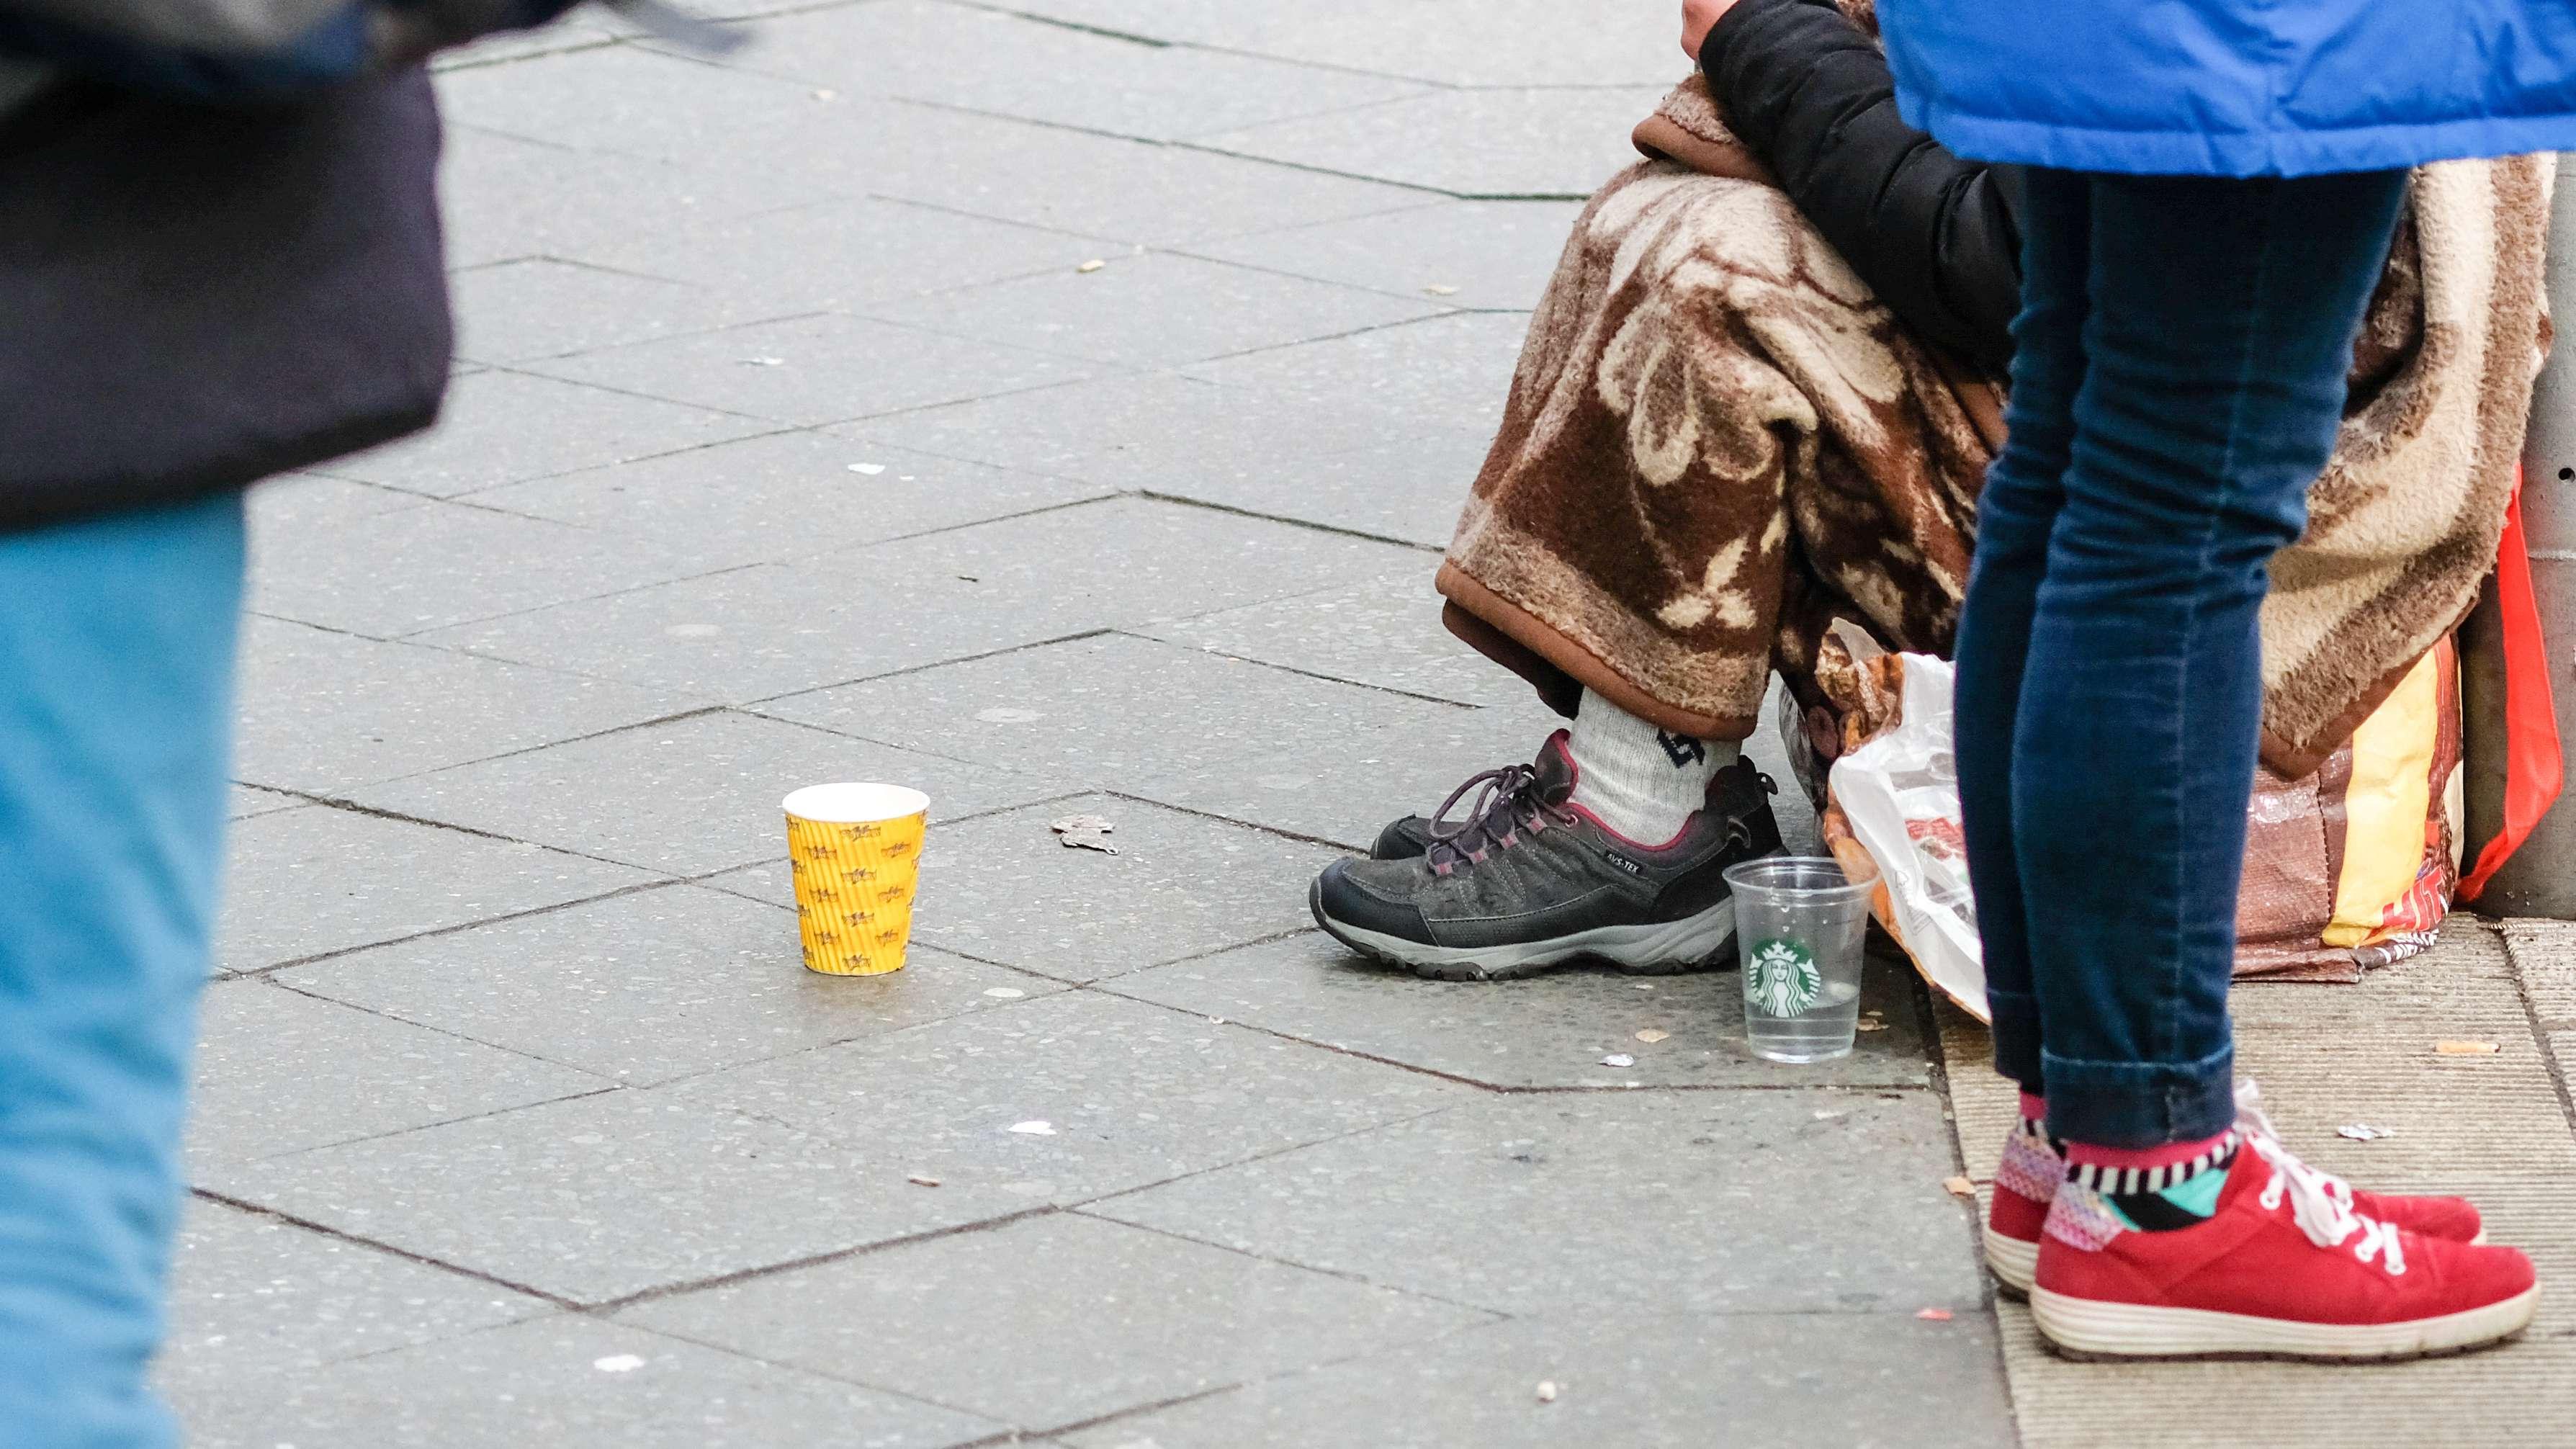 Ein Bettler in einer Fußgängerzone hat einen Papierbecher vor sich aufgestellt